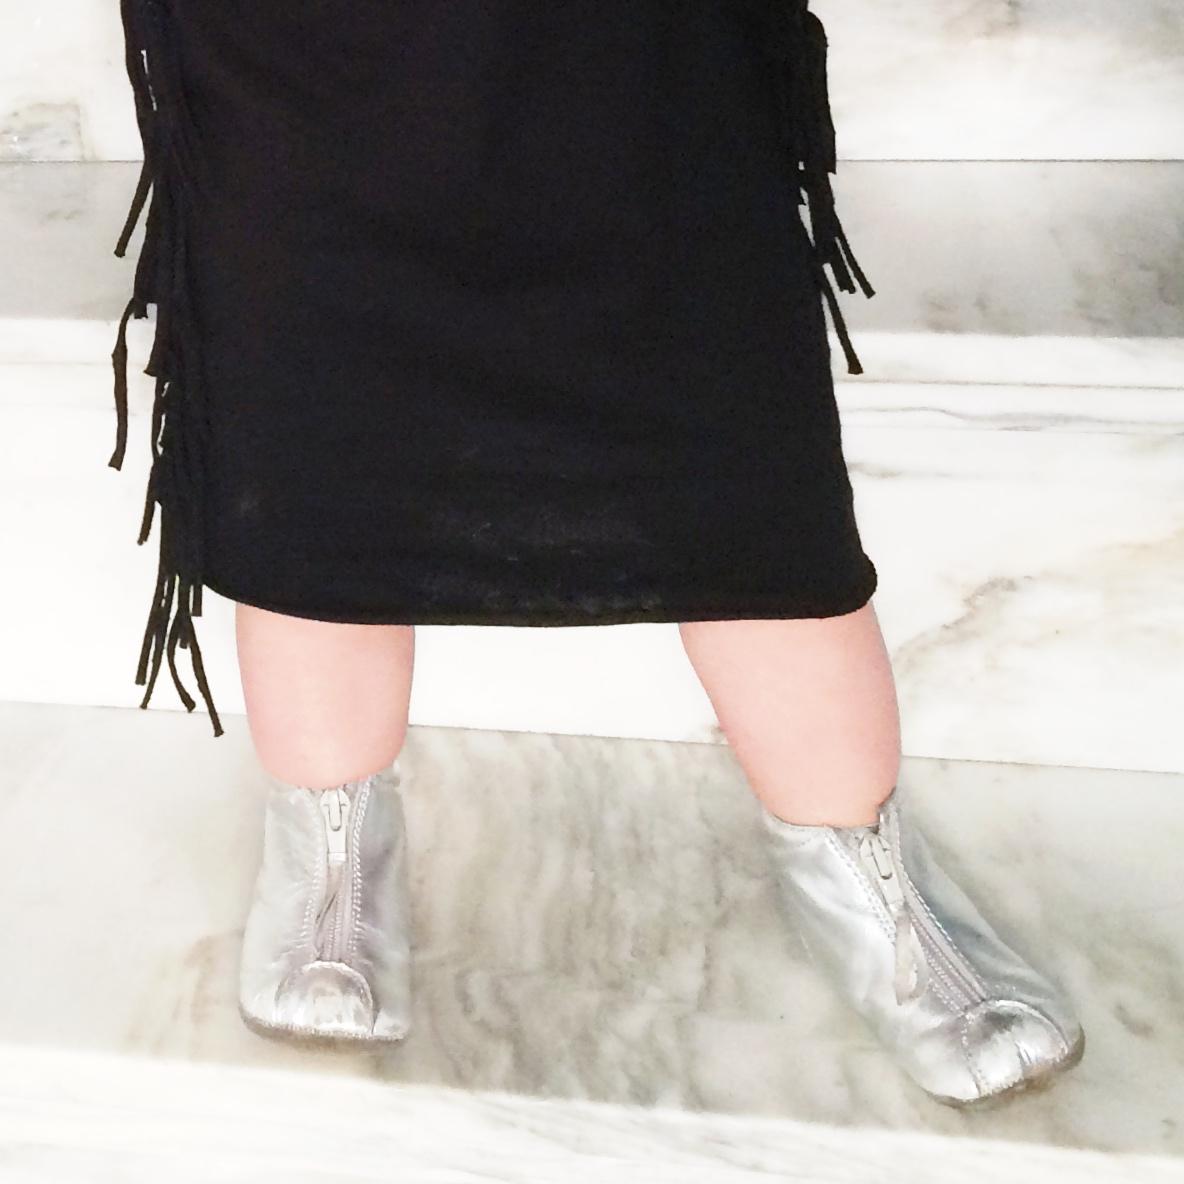 Black Dress Petitbo (  www.petitbo.se  ) | Silver Booties Bisgaard (  www.fourmonkeys.com  )